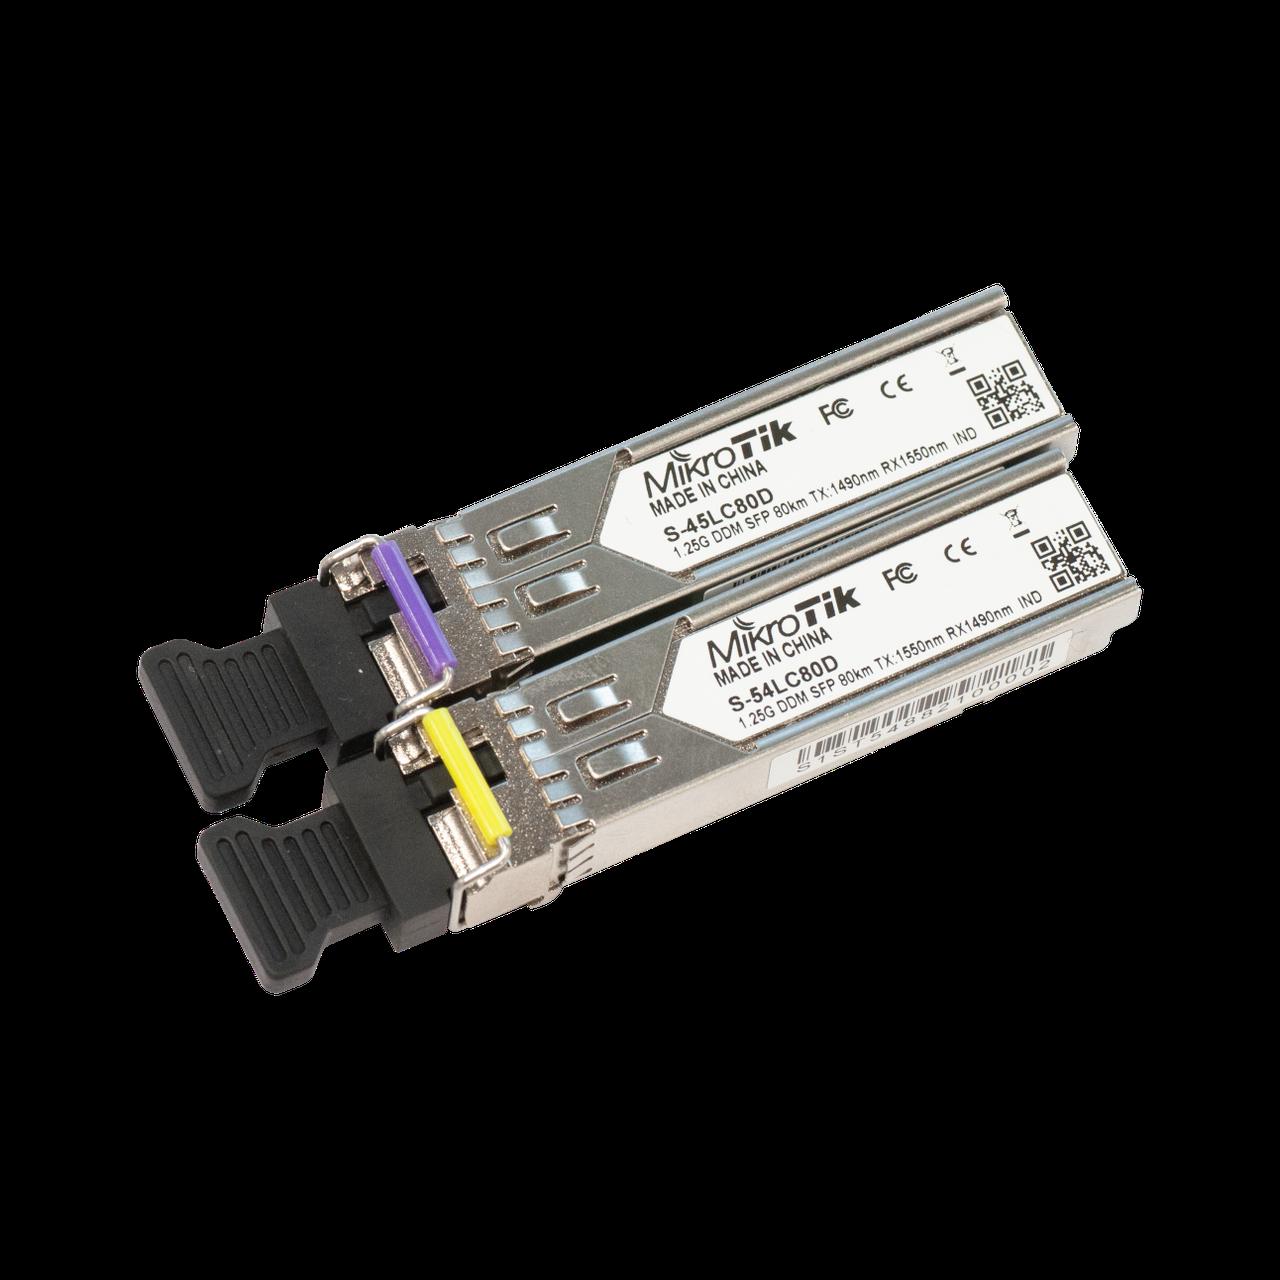 Пара модулей Mikrotik SFP оптический, 1.25G, дальность до 80км, 1490/1550нм